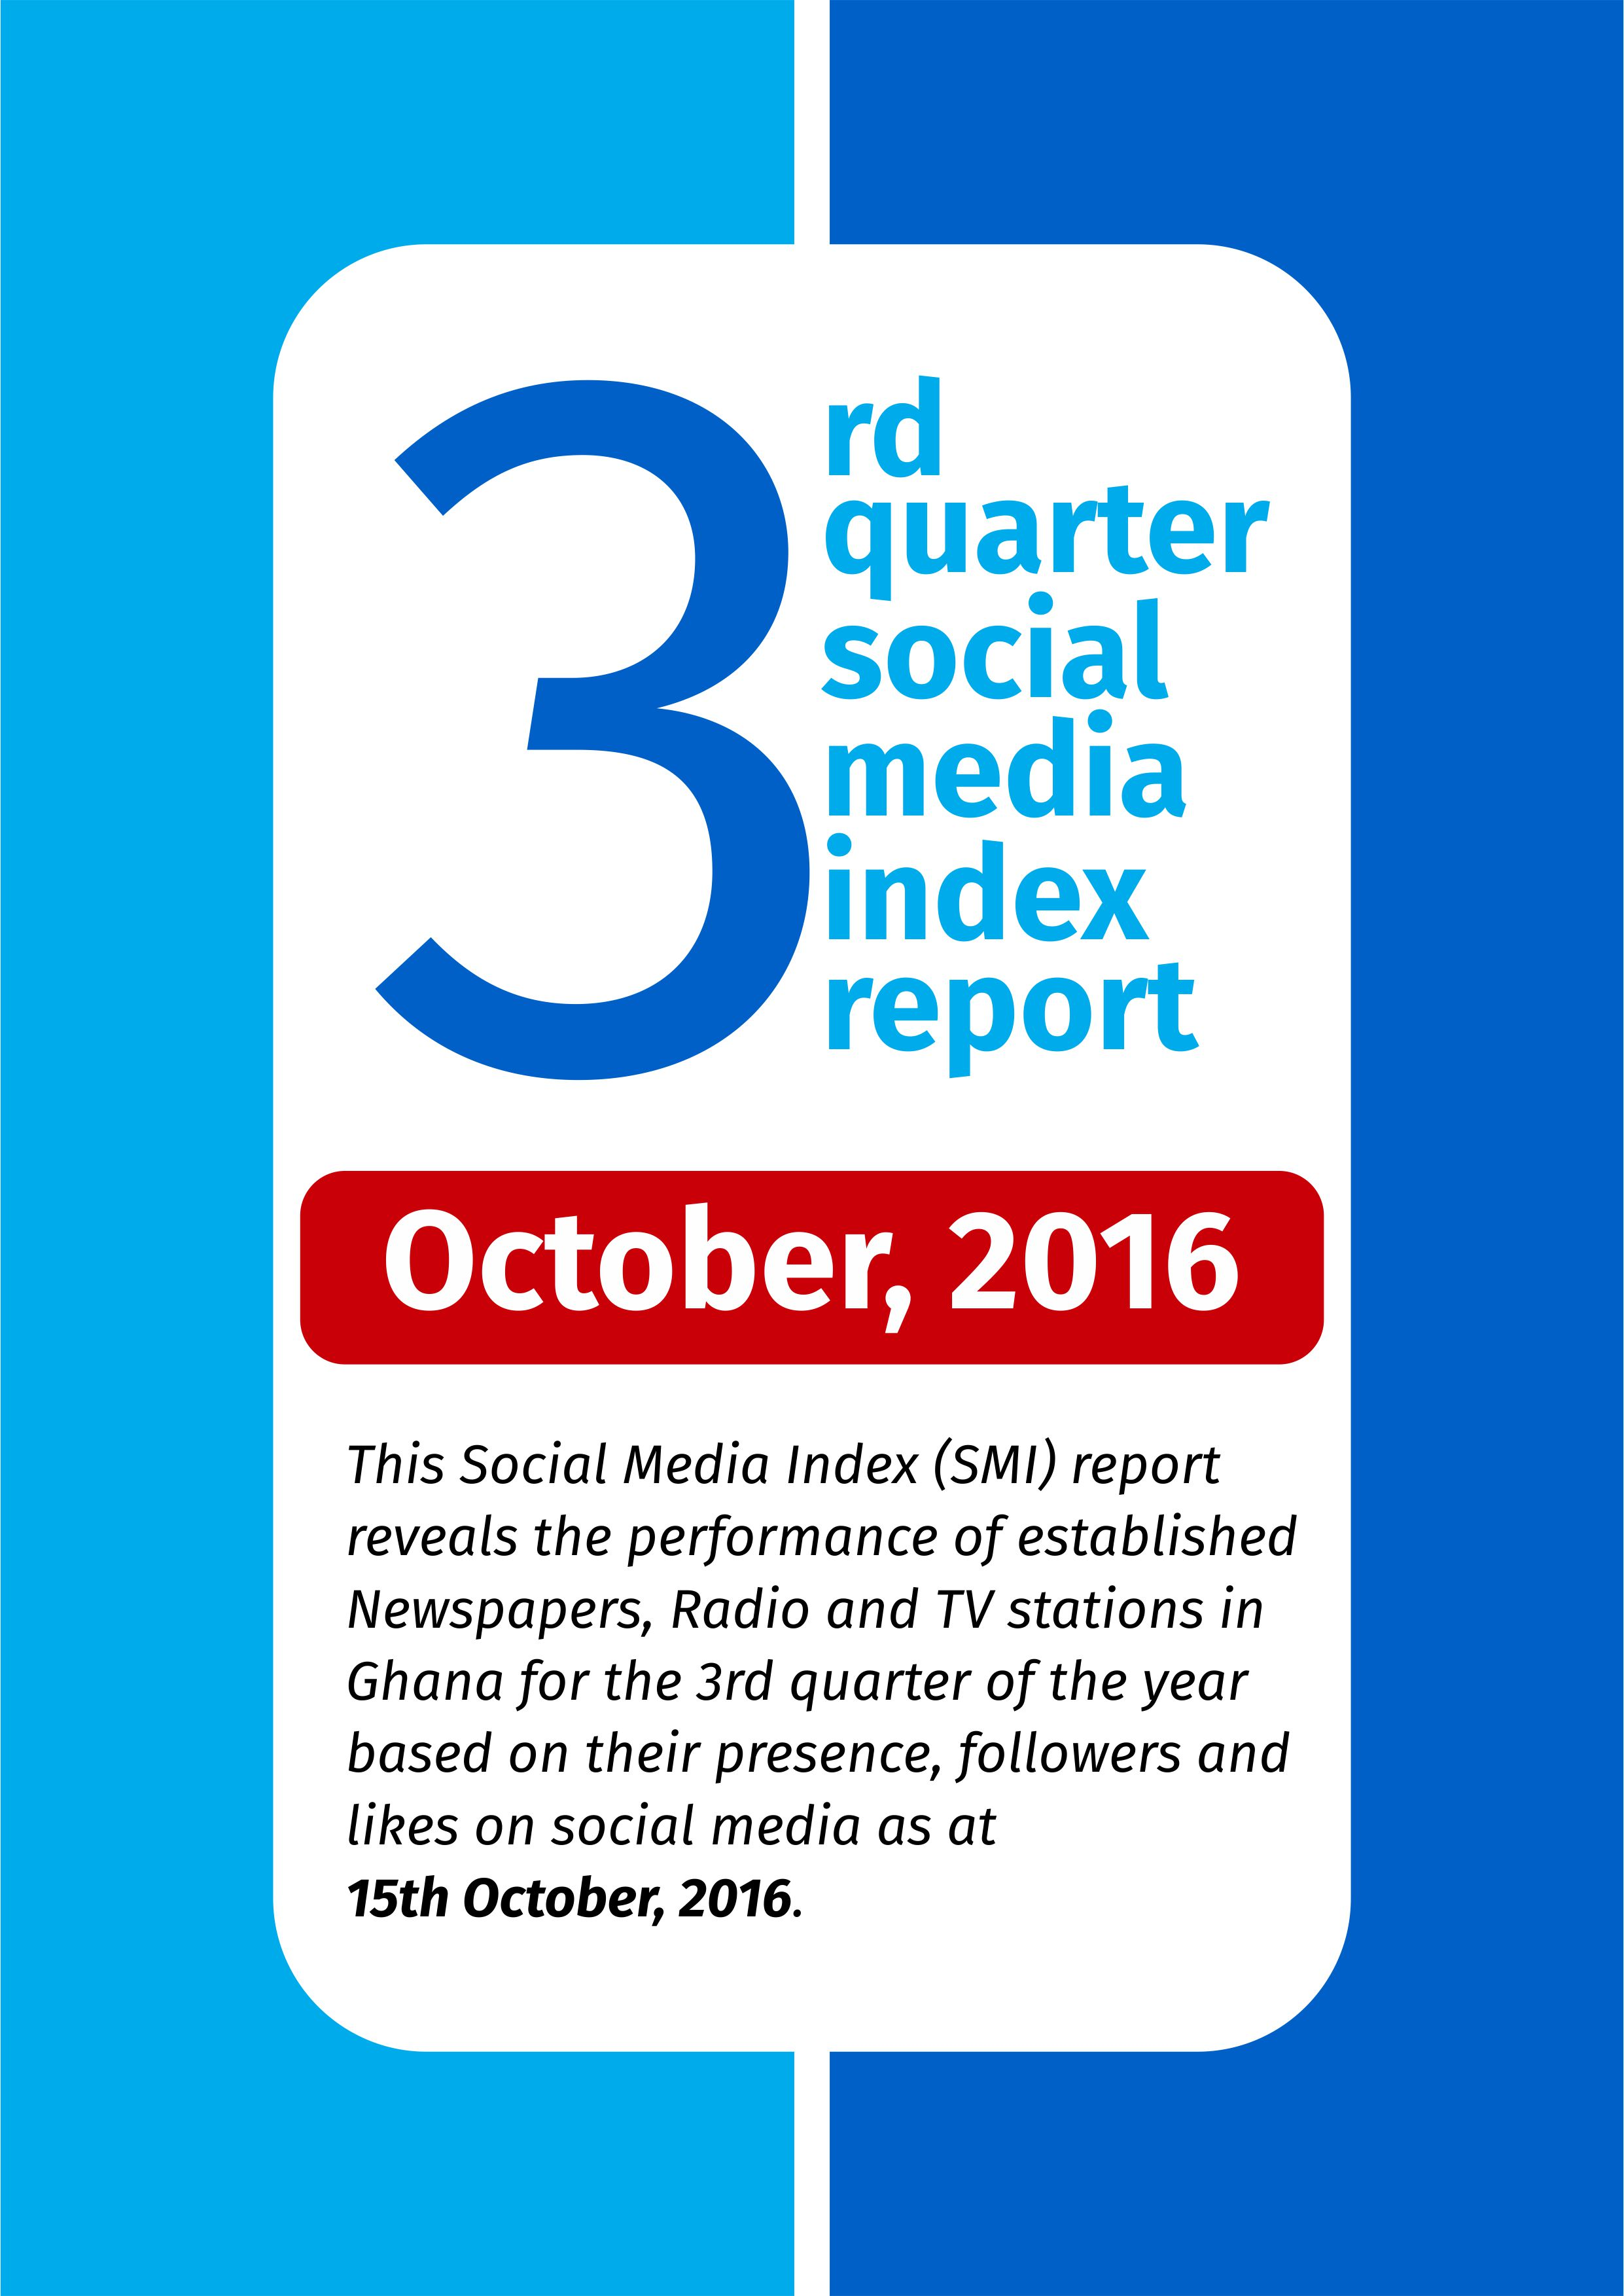 3rd Quarter Social Media Index Report  – October 2016